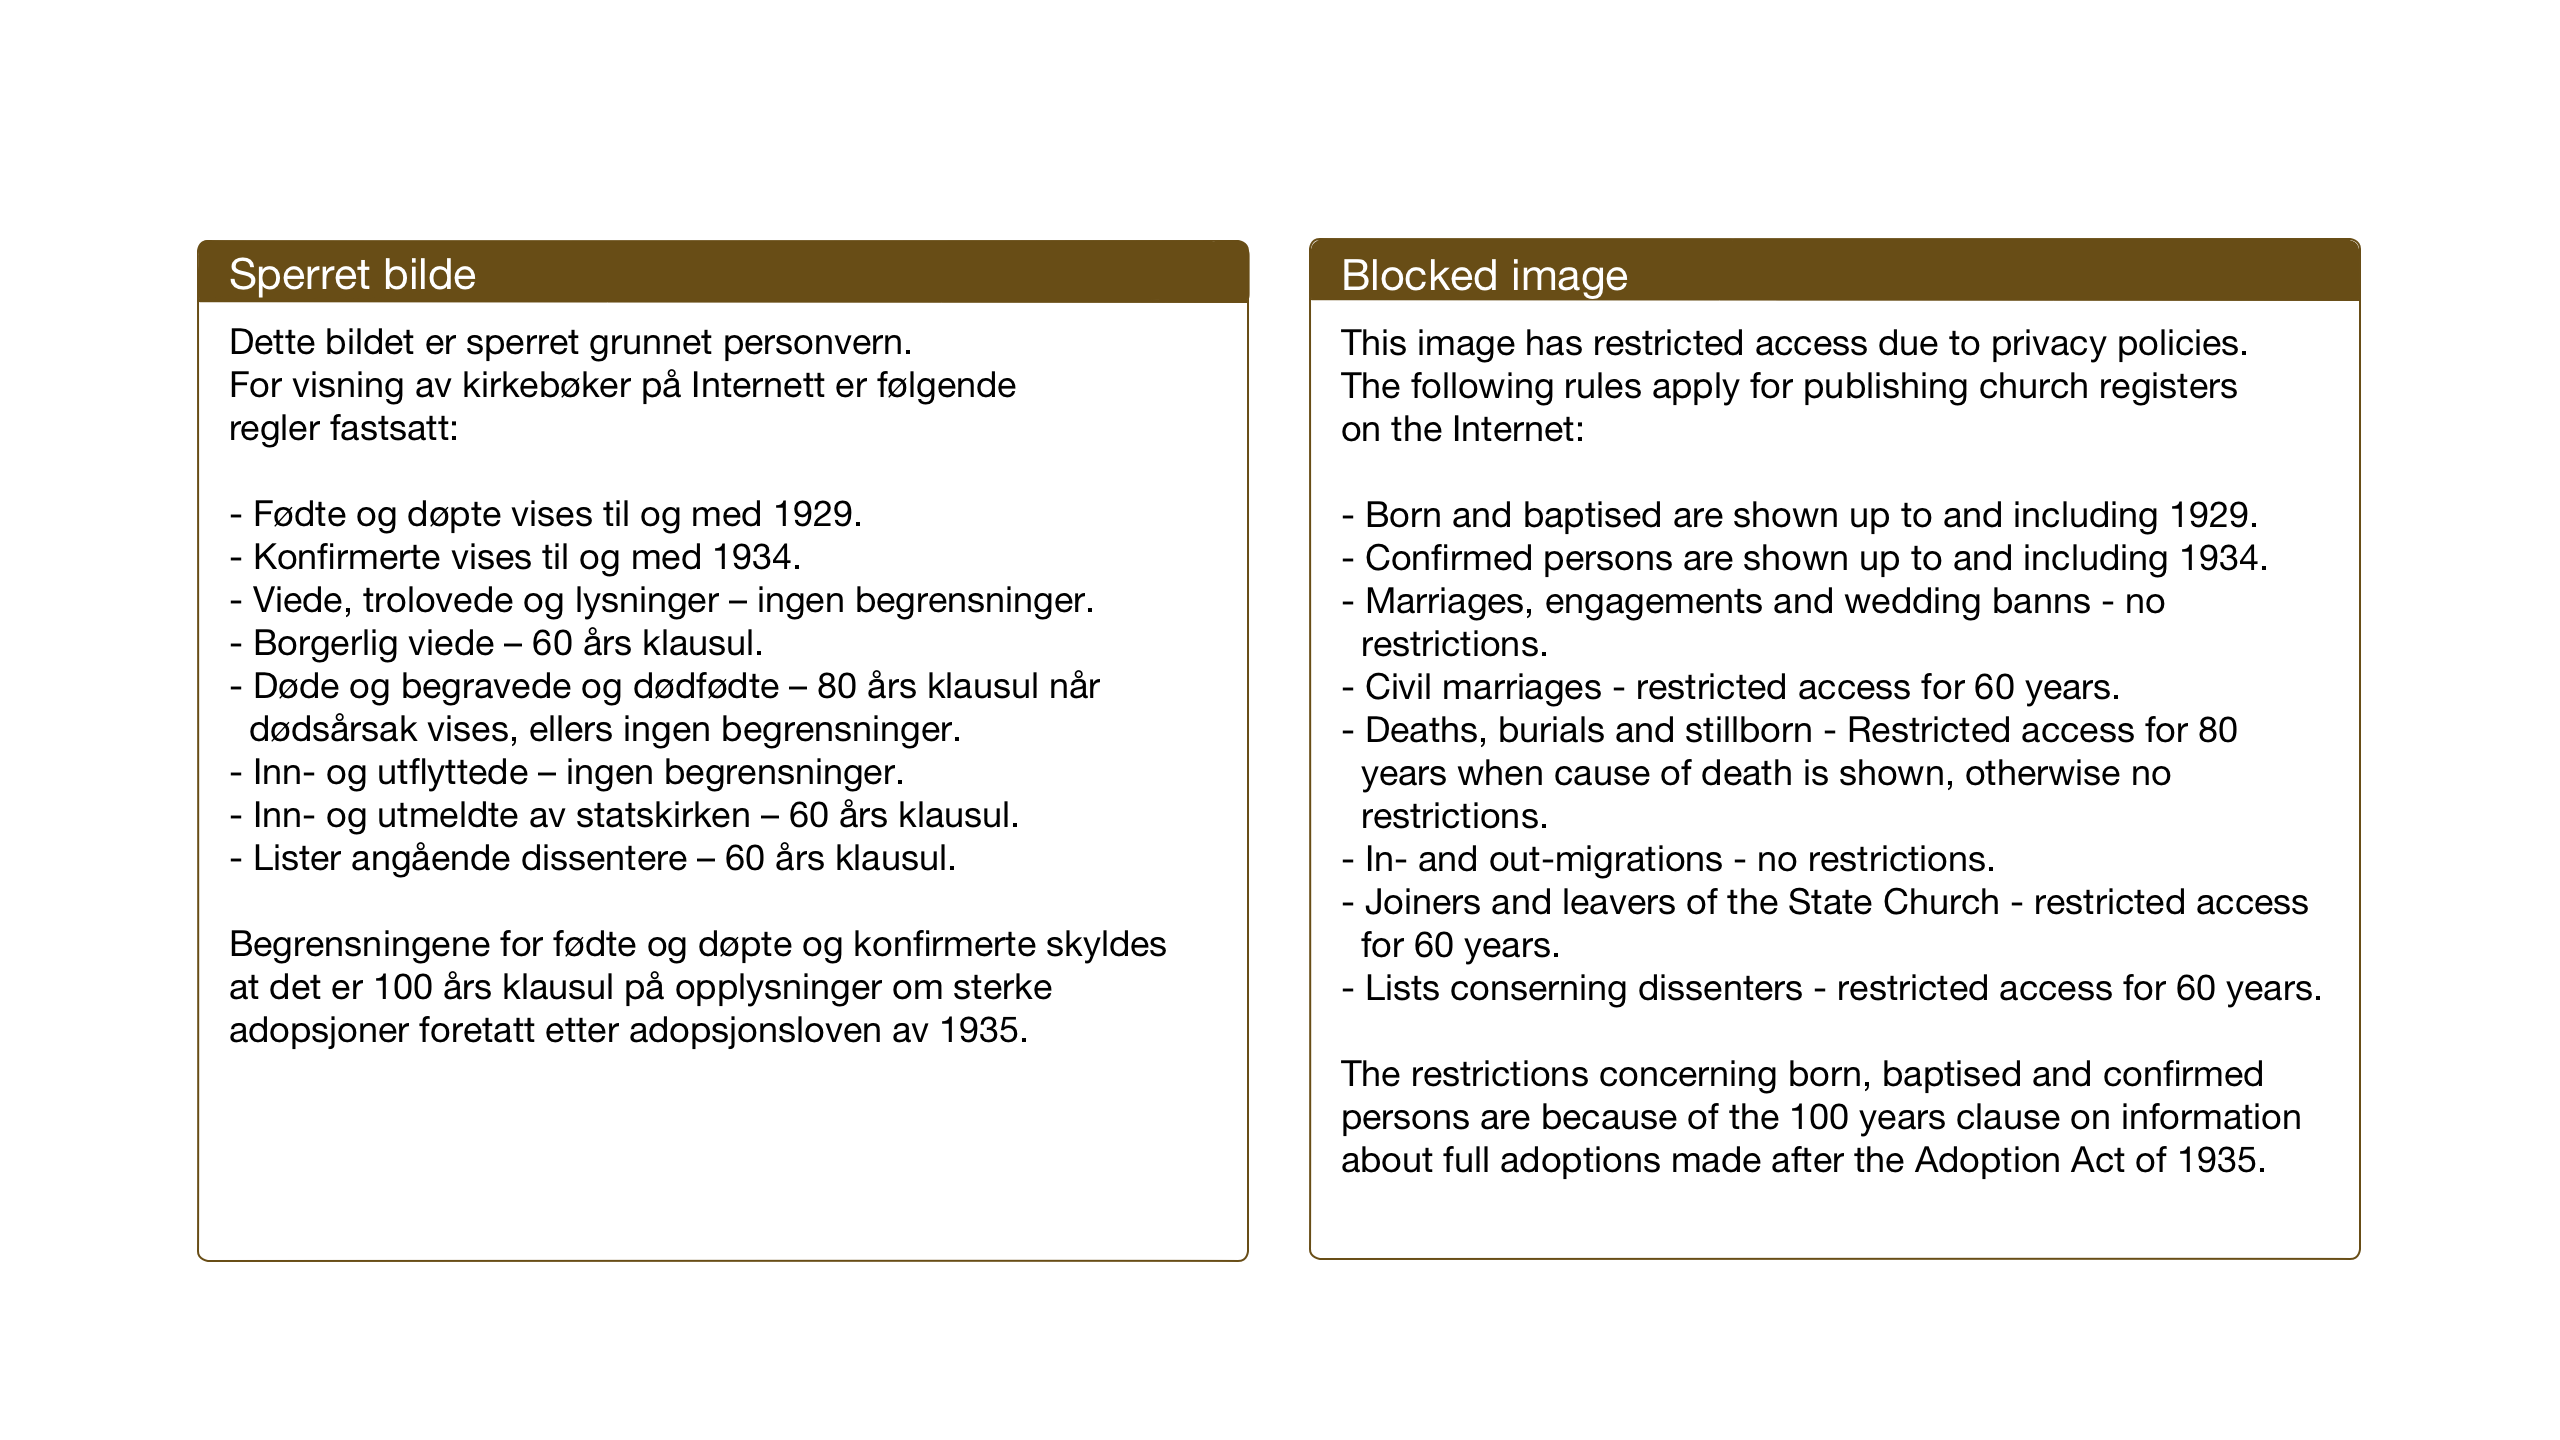 SAT, Ministerialprotokoller, klokkerbøker og fødselsregistre - Nord-Trøndelag, 713/L0125: Klokkerbok nr. 713C02, 1931-1941, s. 99